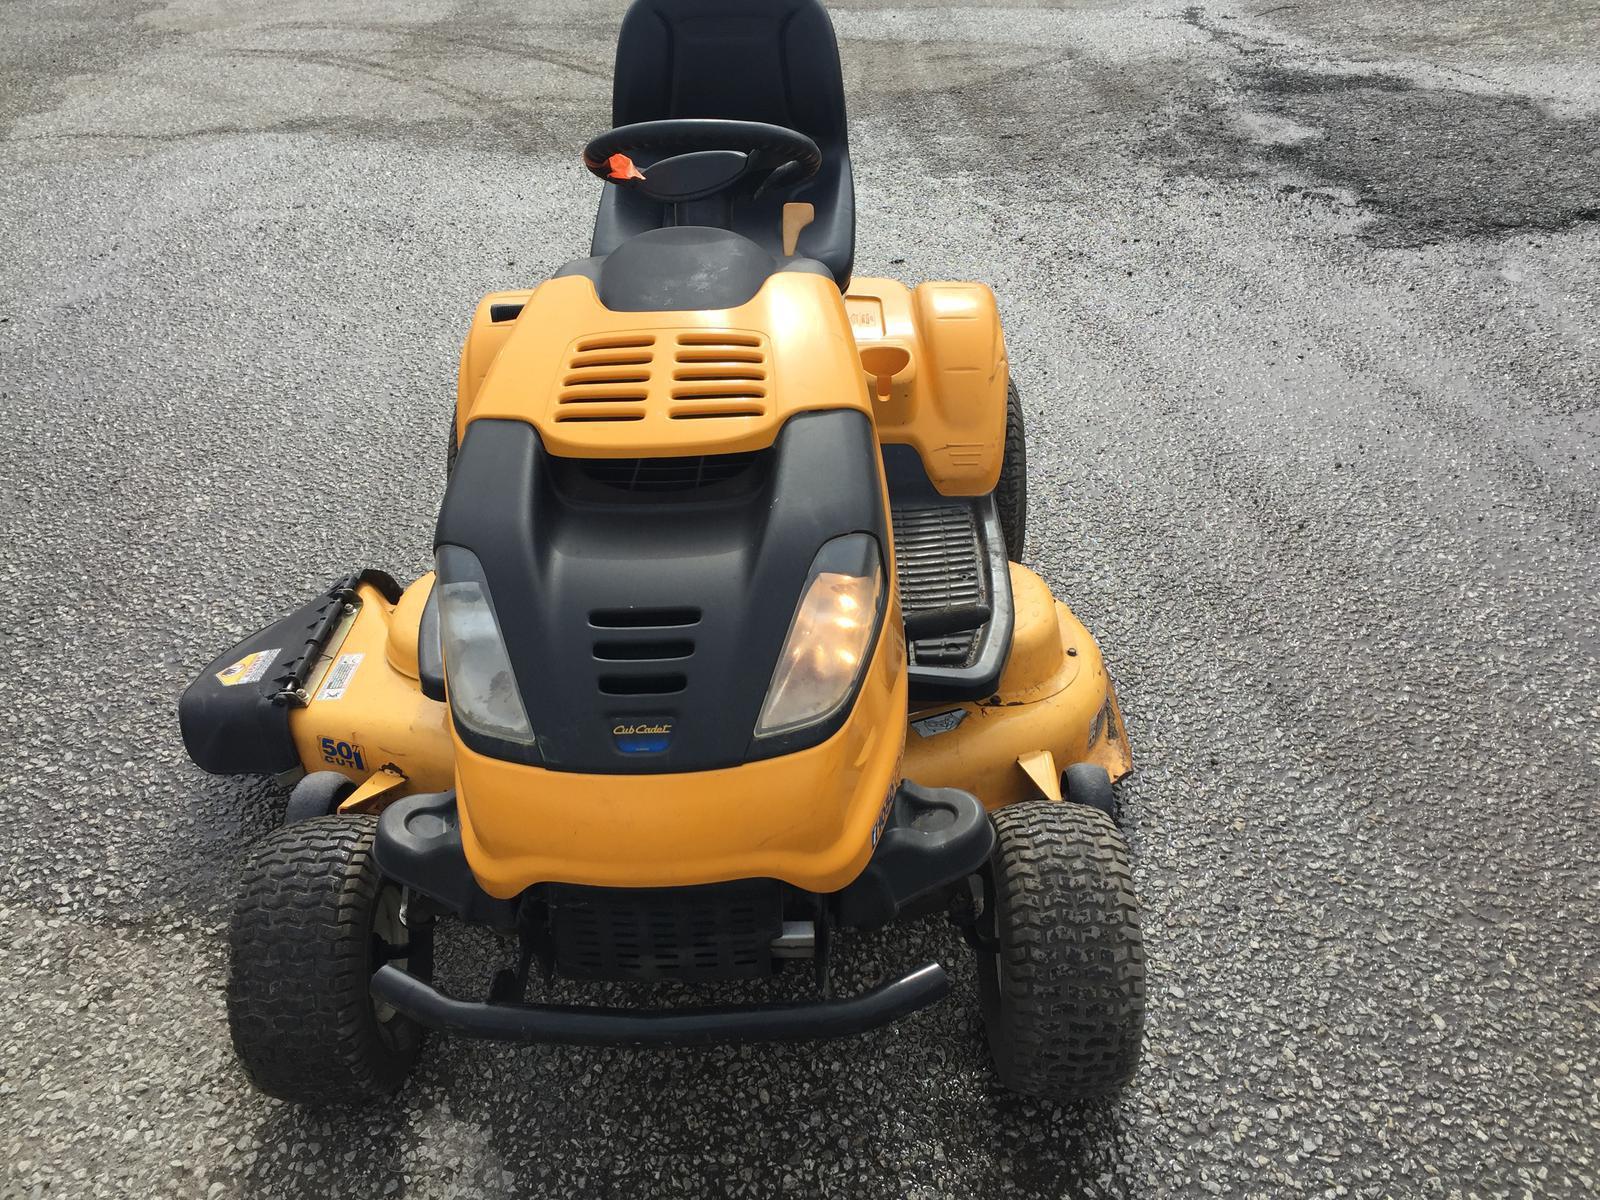 2007 Cub Cadet i1050 Lawn Tractor 25 HP